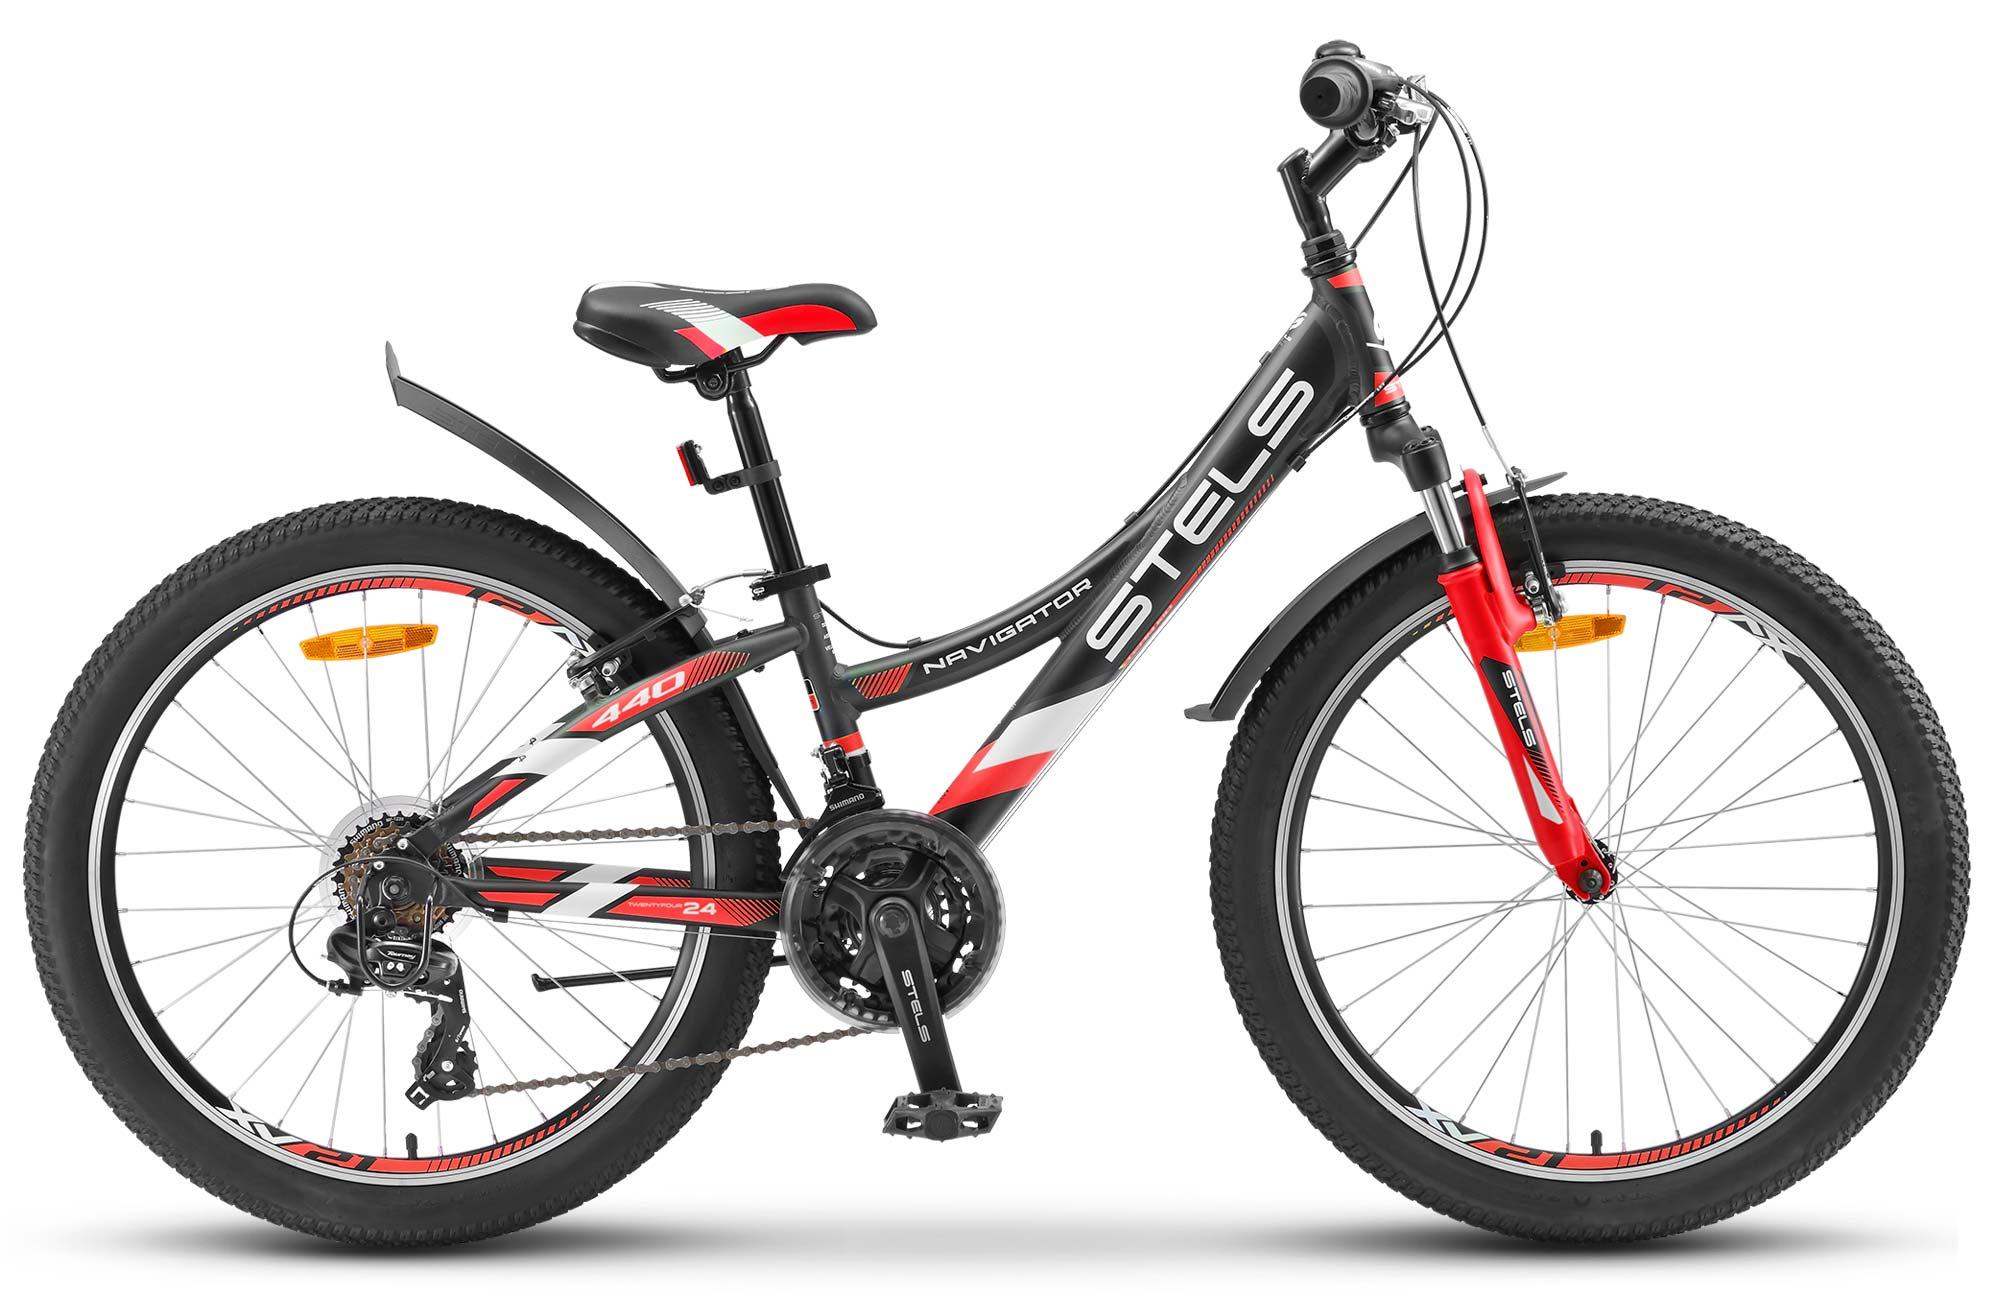 биржевой торговле, самый легкий велосипед стелс матовые изделия